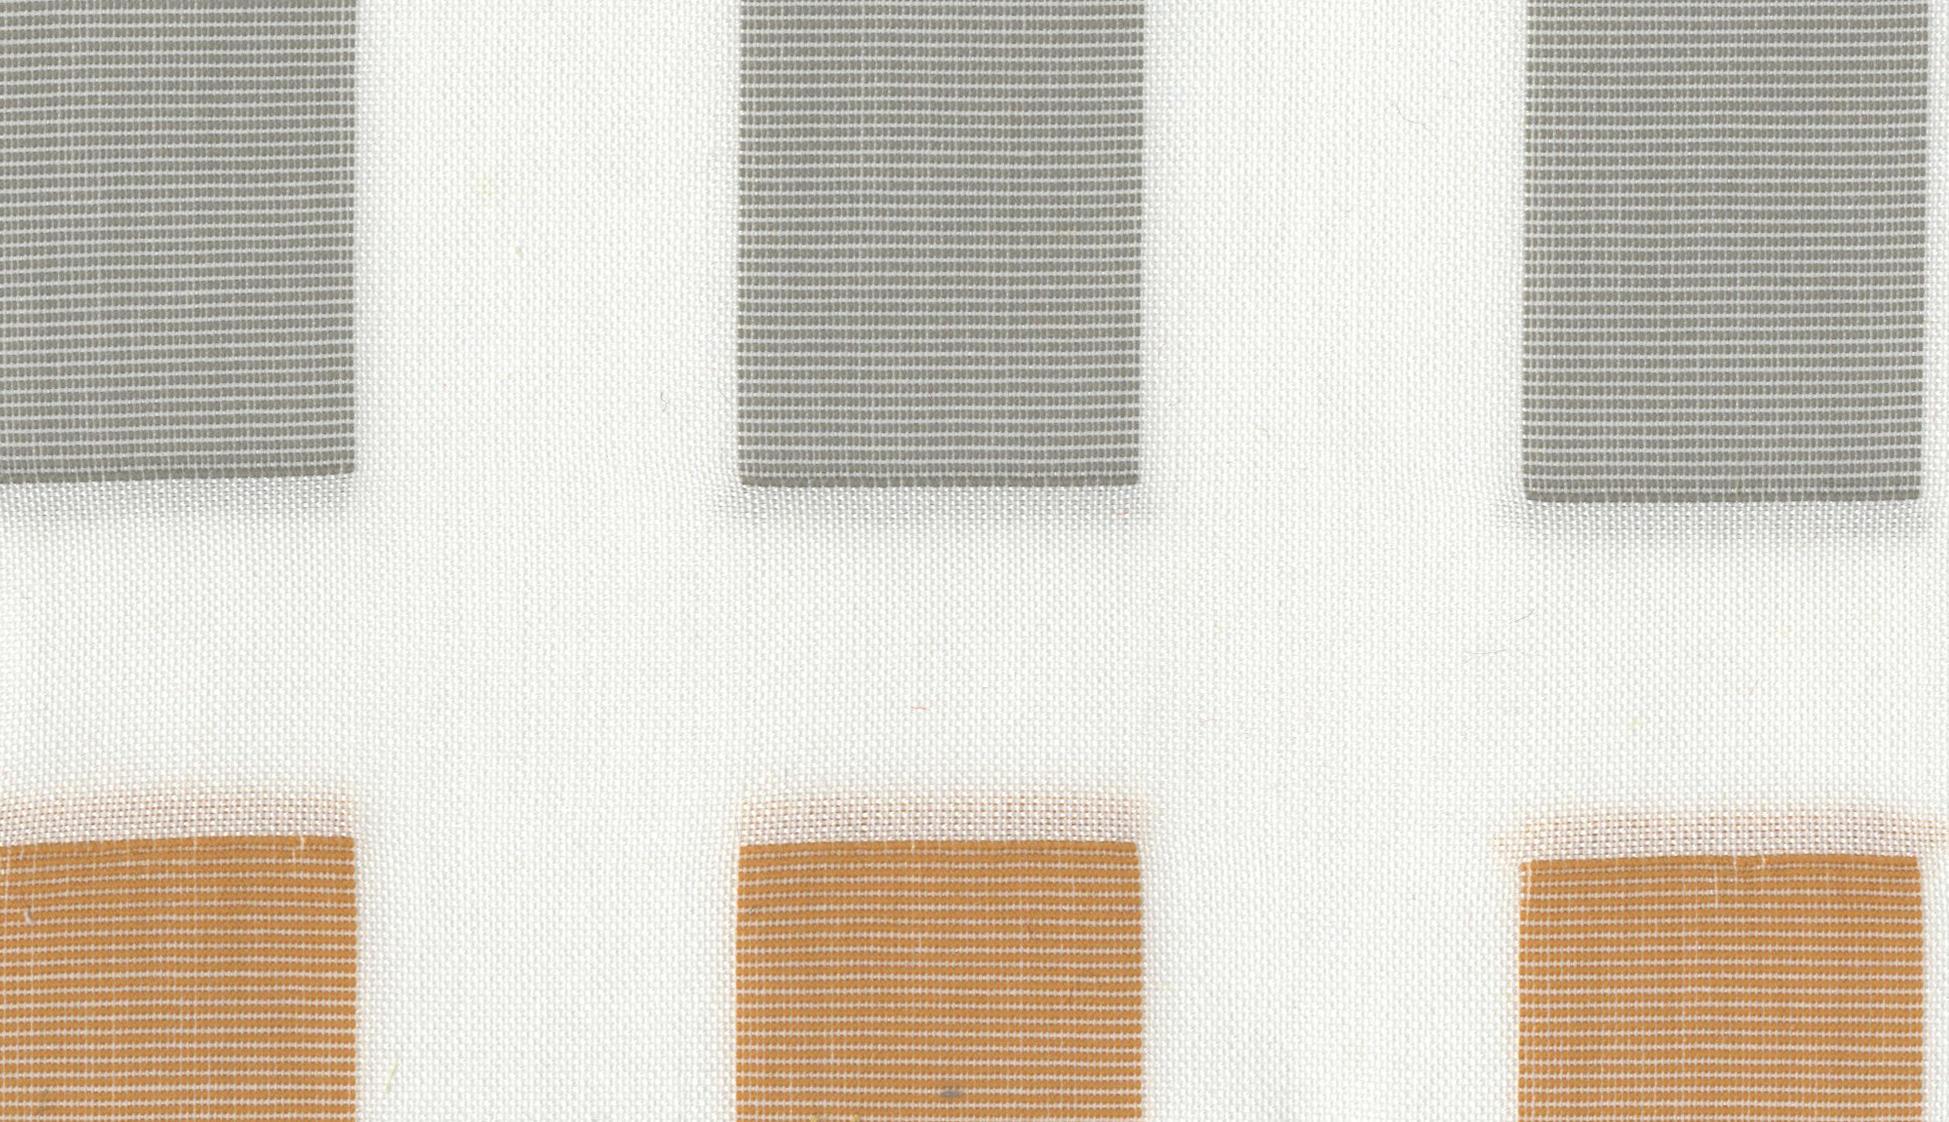 Skylight 2000 tejidos para cortinas de svensson architonic - Tejidos de cortinas ...